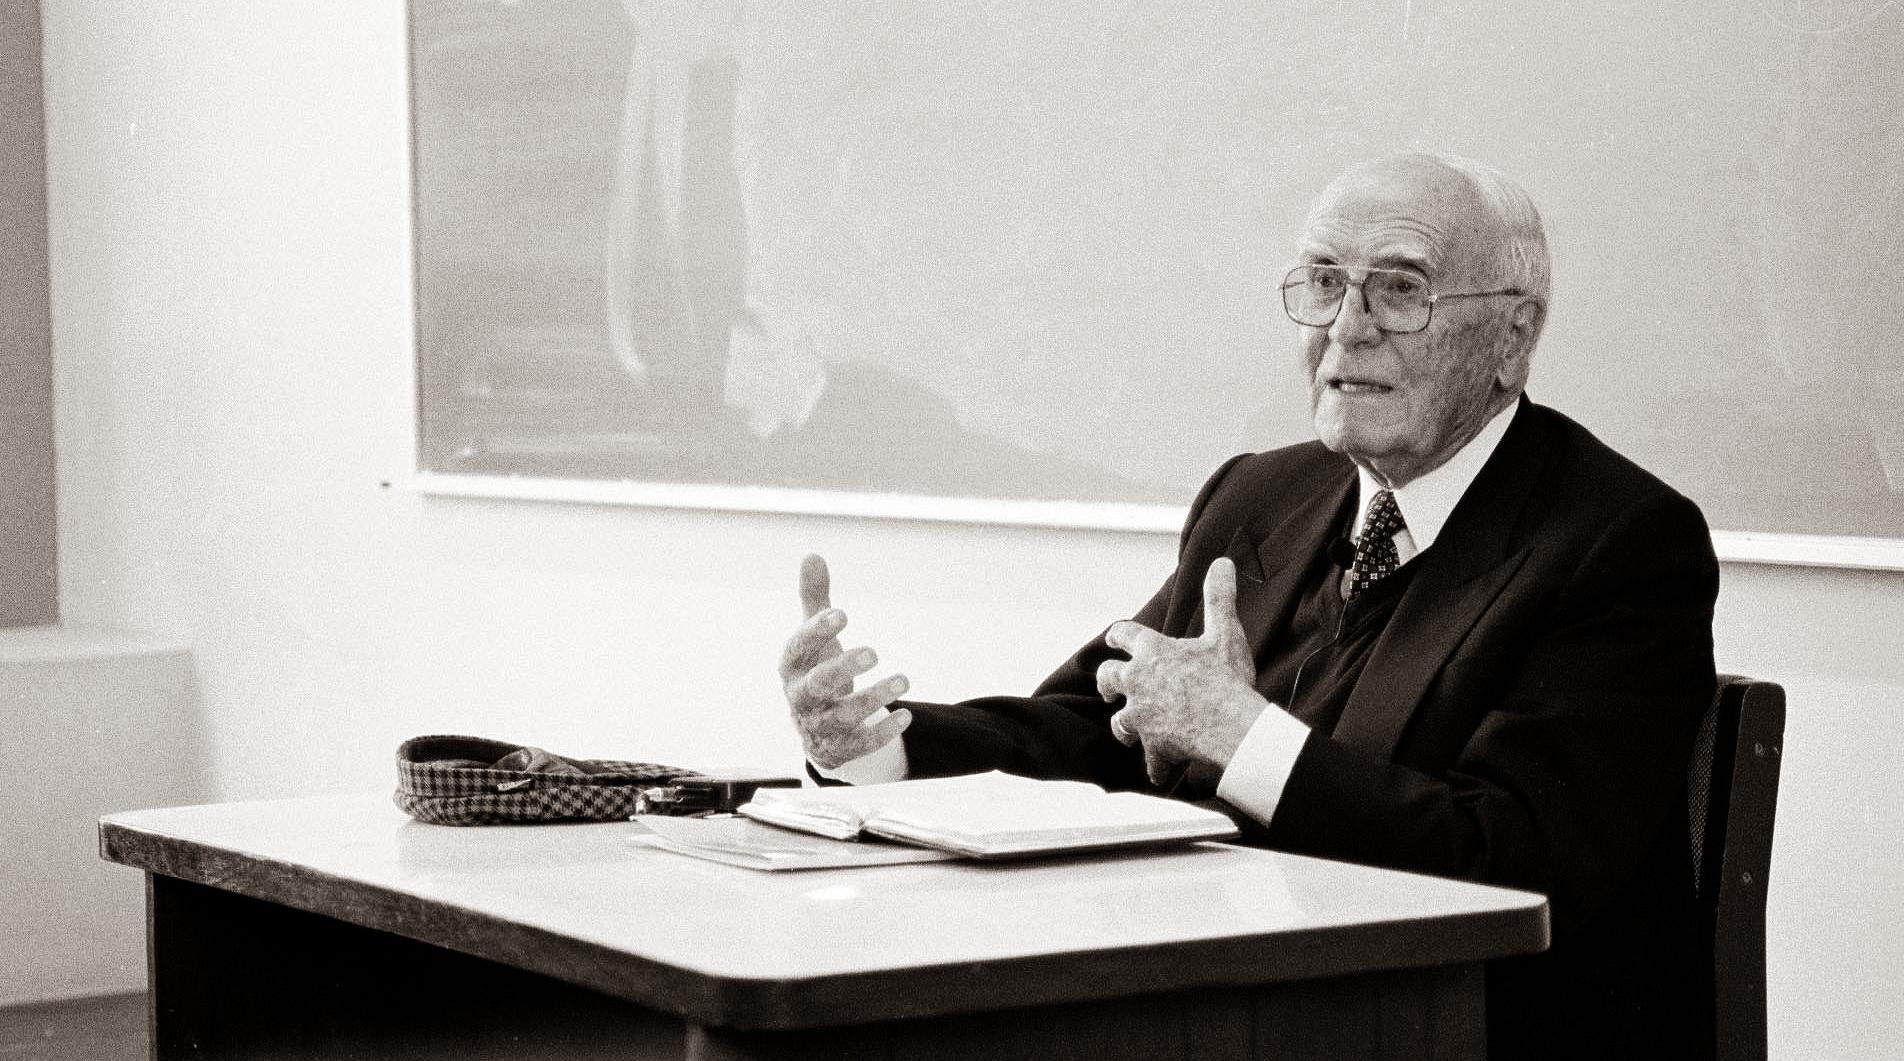 José Agustín de la Puente Candamo (1922-2020) y la PUCP